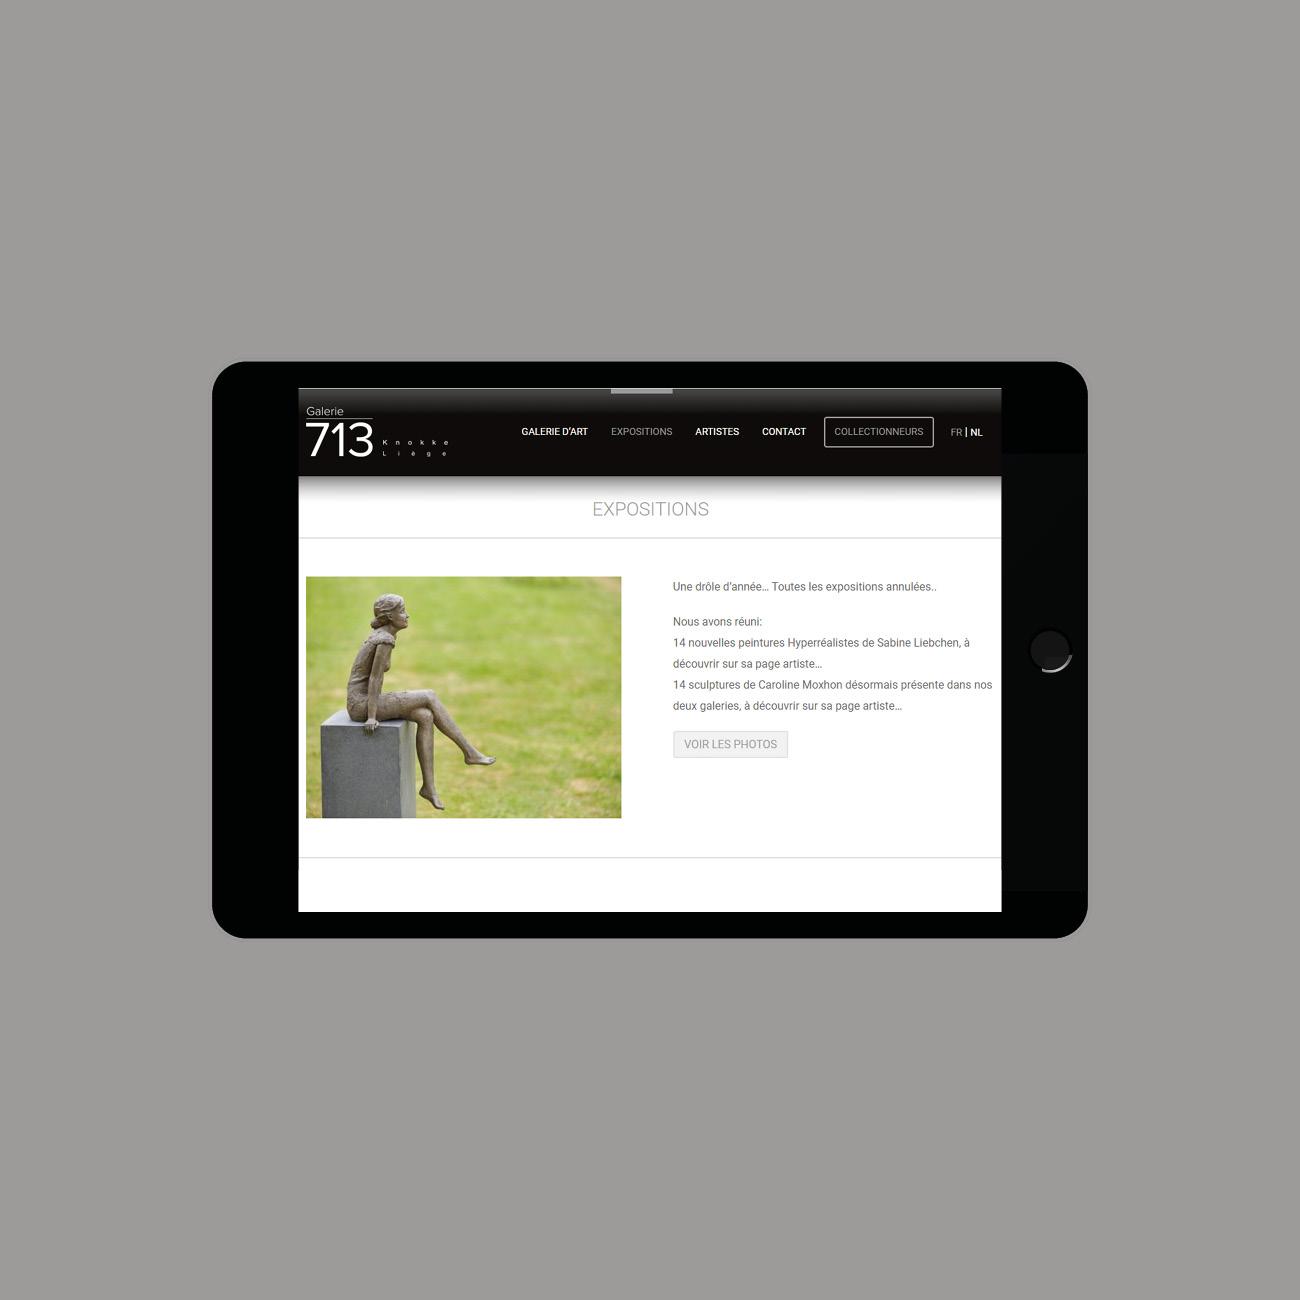 Miko Digital Agence web à Liège - Site internet de La Galerie 713